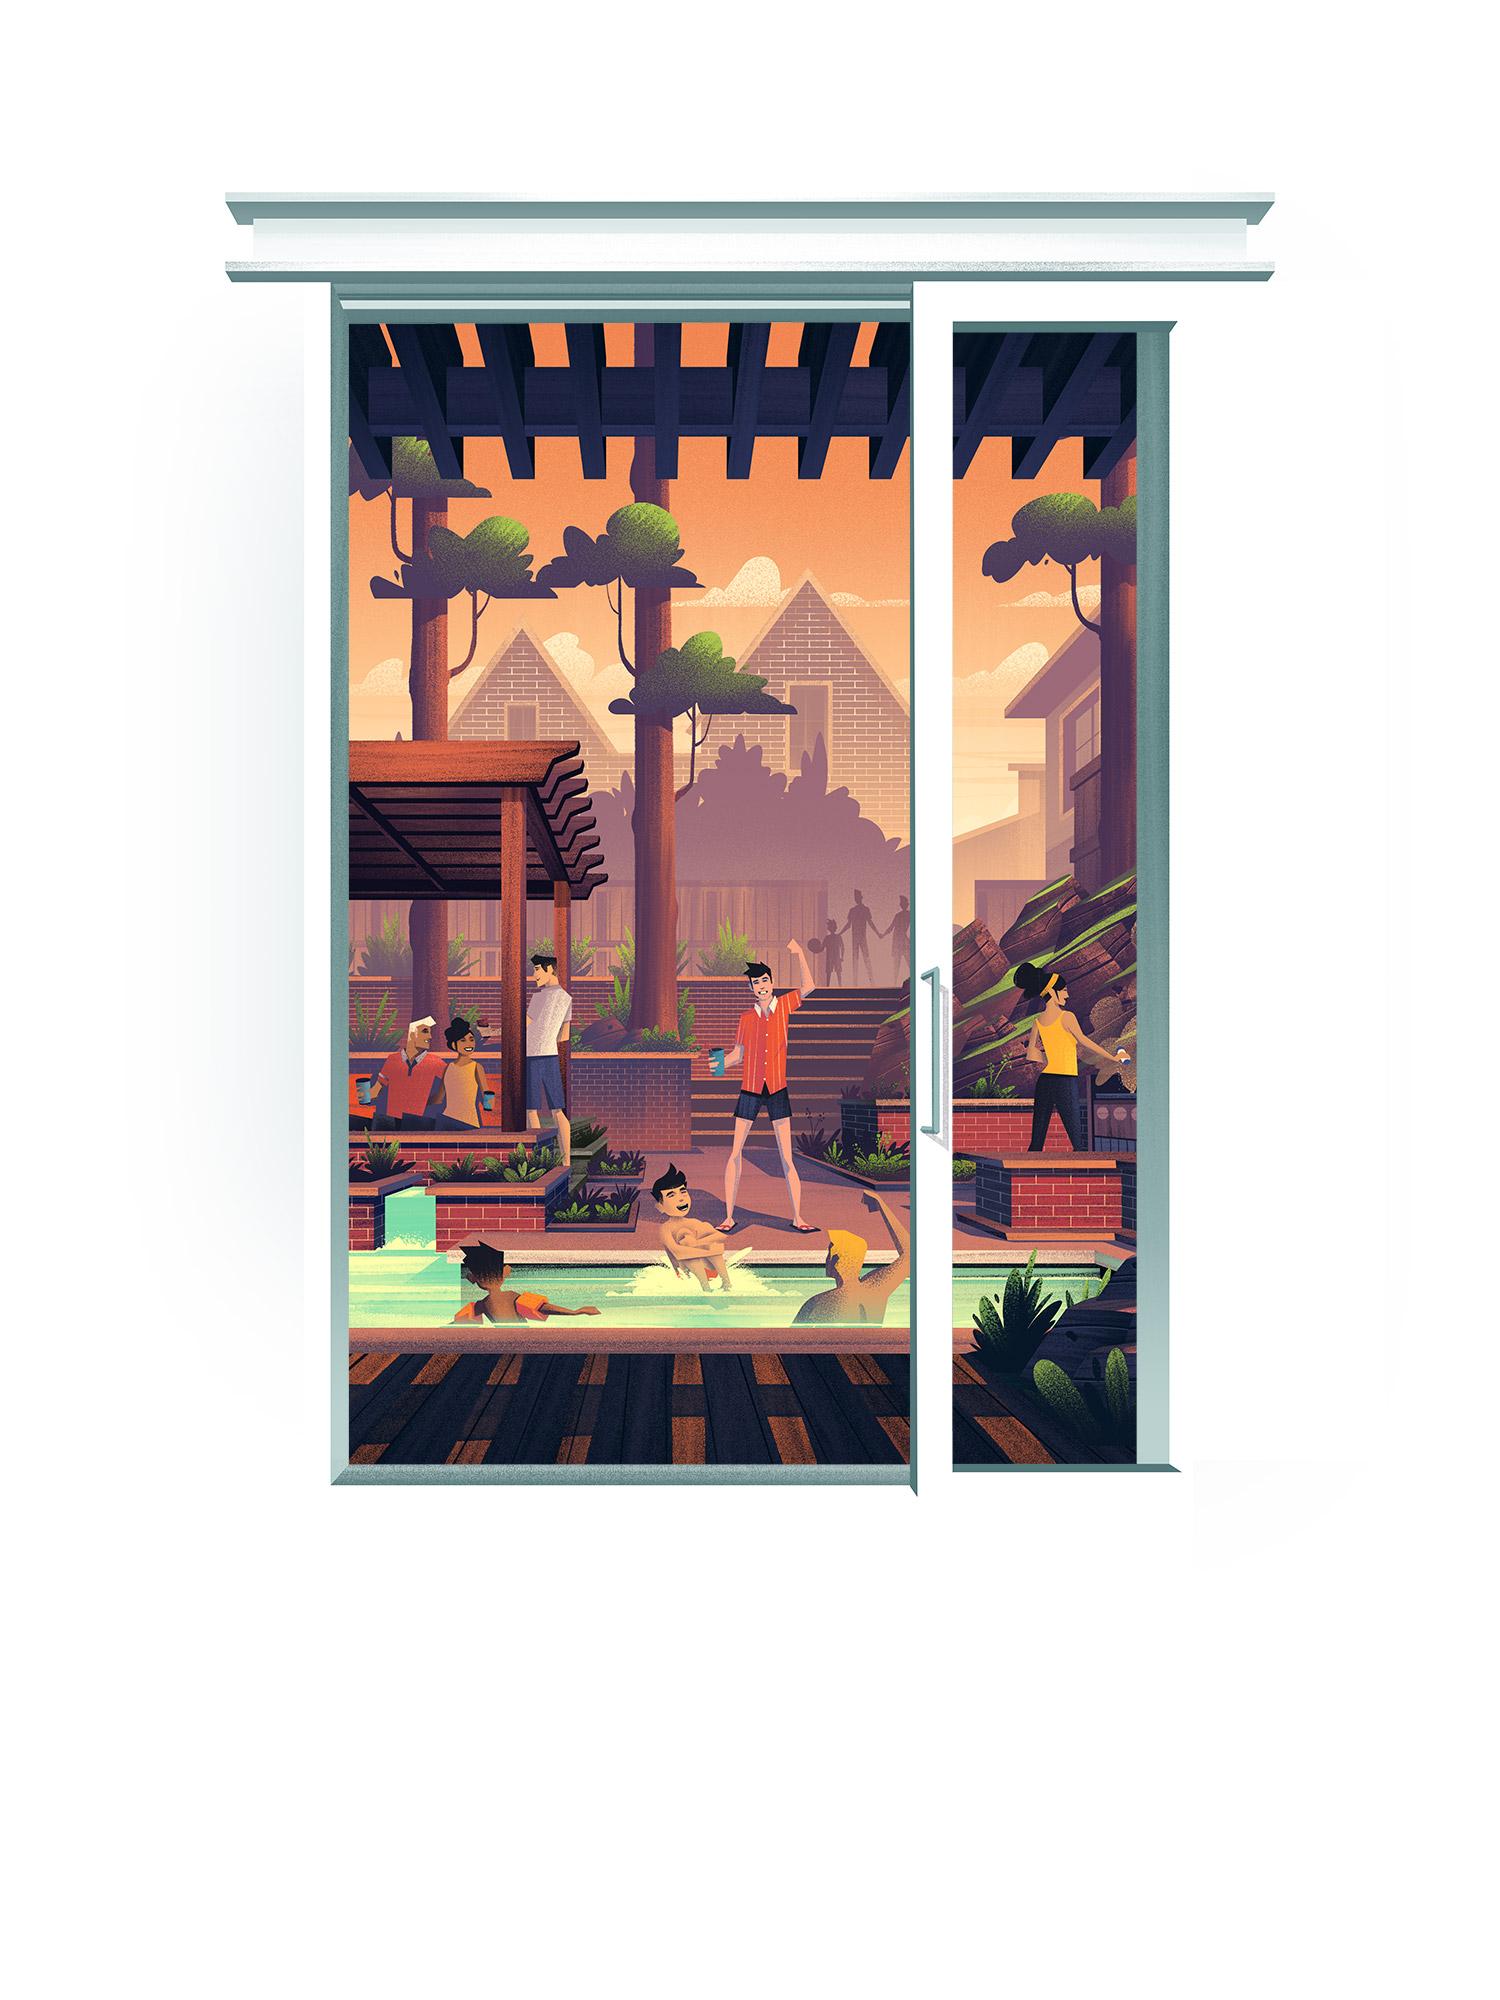 Oldetowne  · Final Illustration